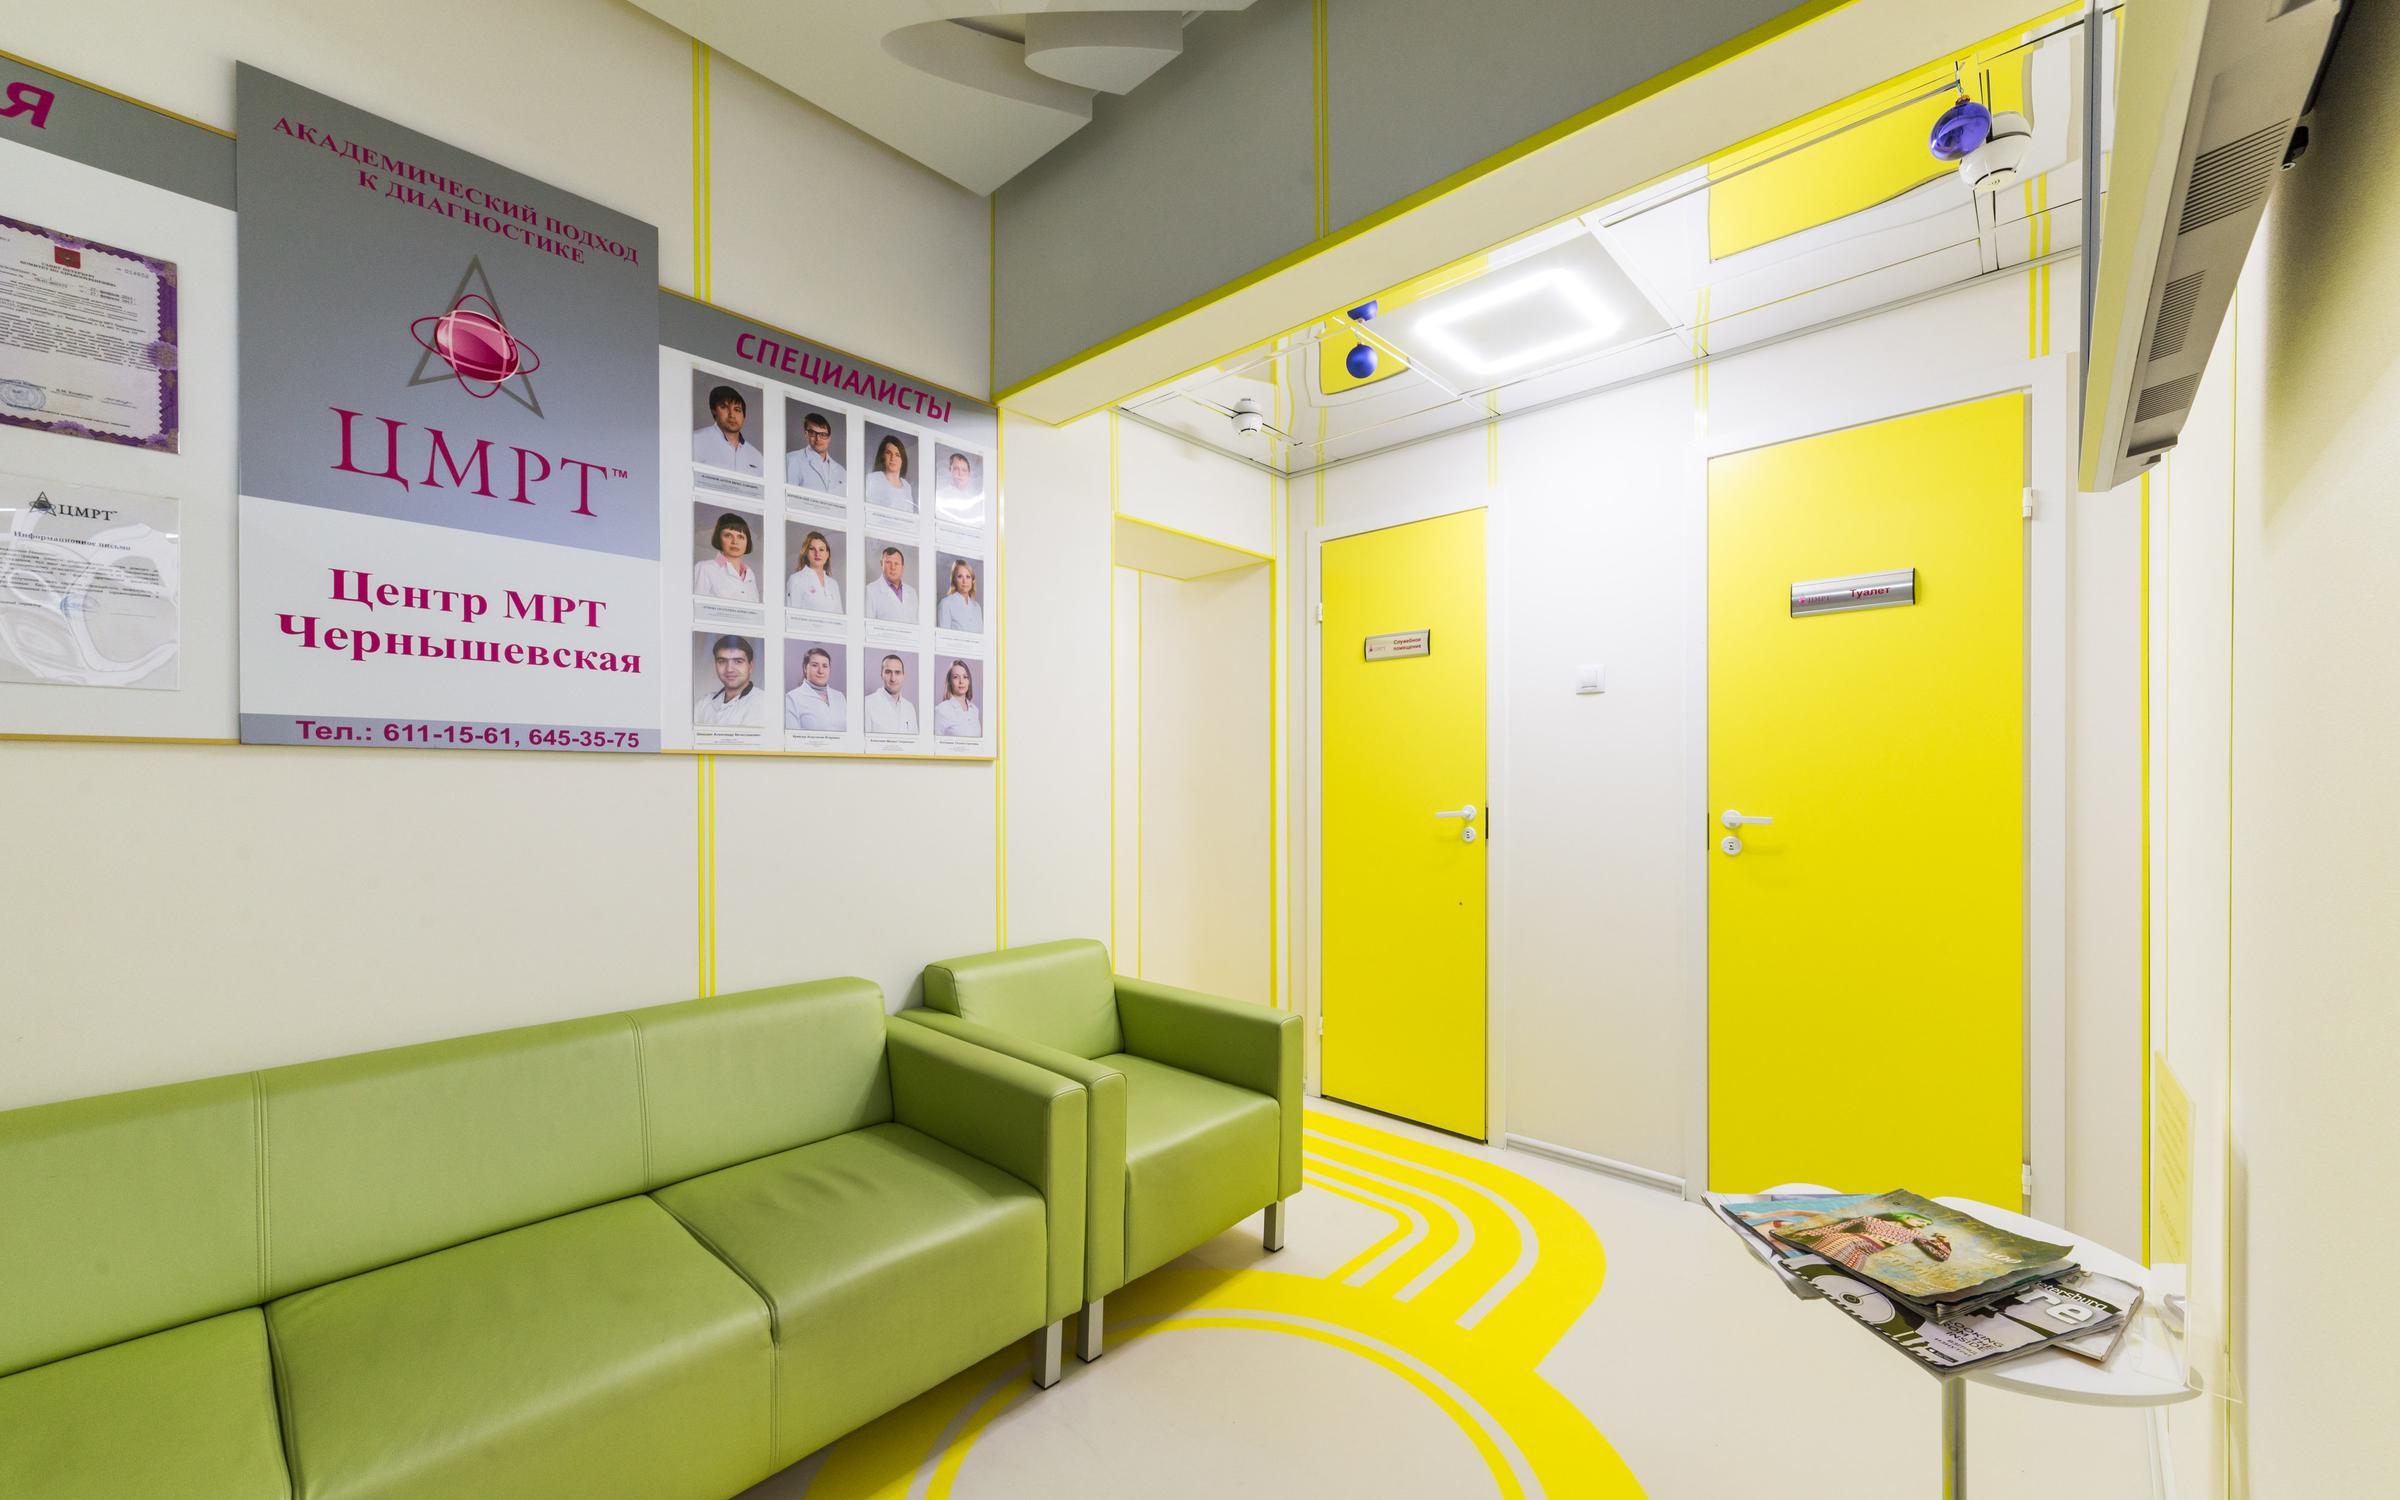 фотография Лечебно-диагностического медицинского центра ЦМРТ на метро Чернышевская